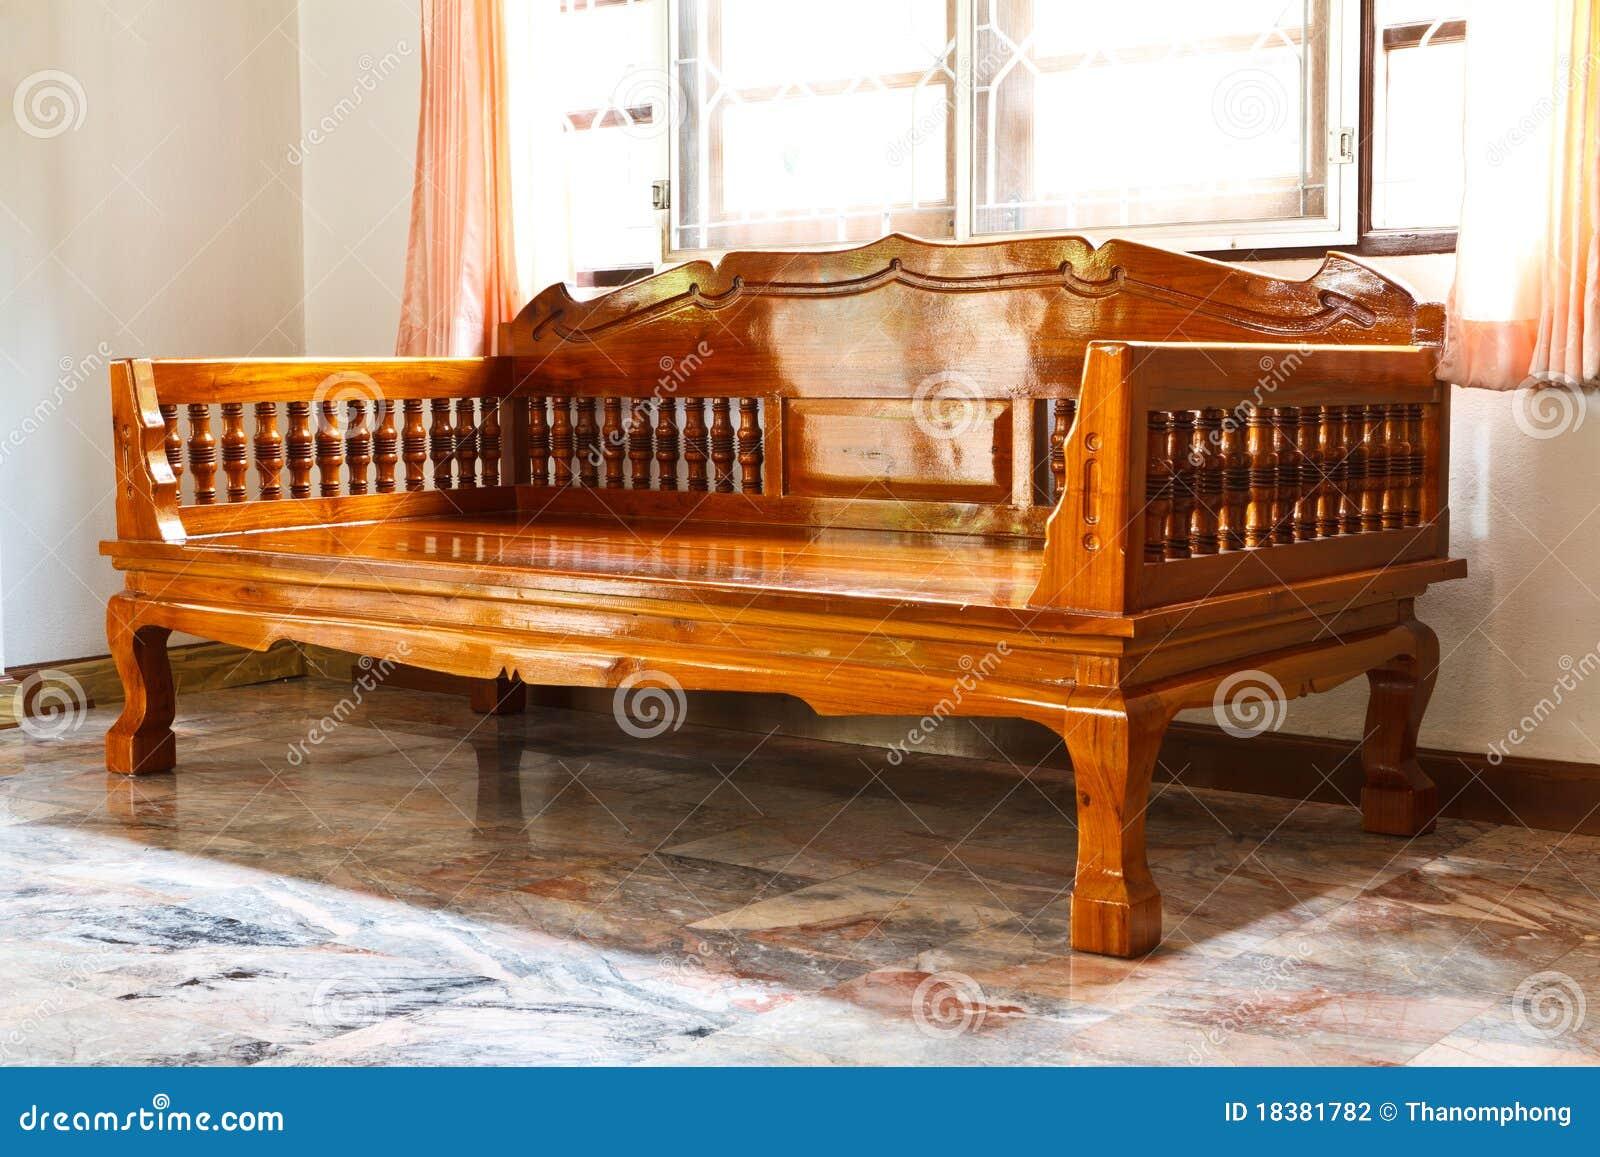 Muebles modernos de madera foto de archivo Imagen de sueo 18381782